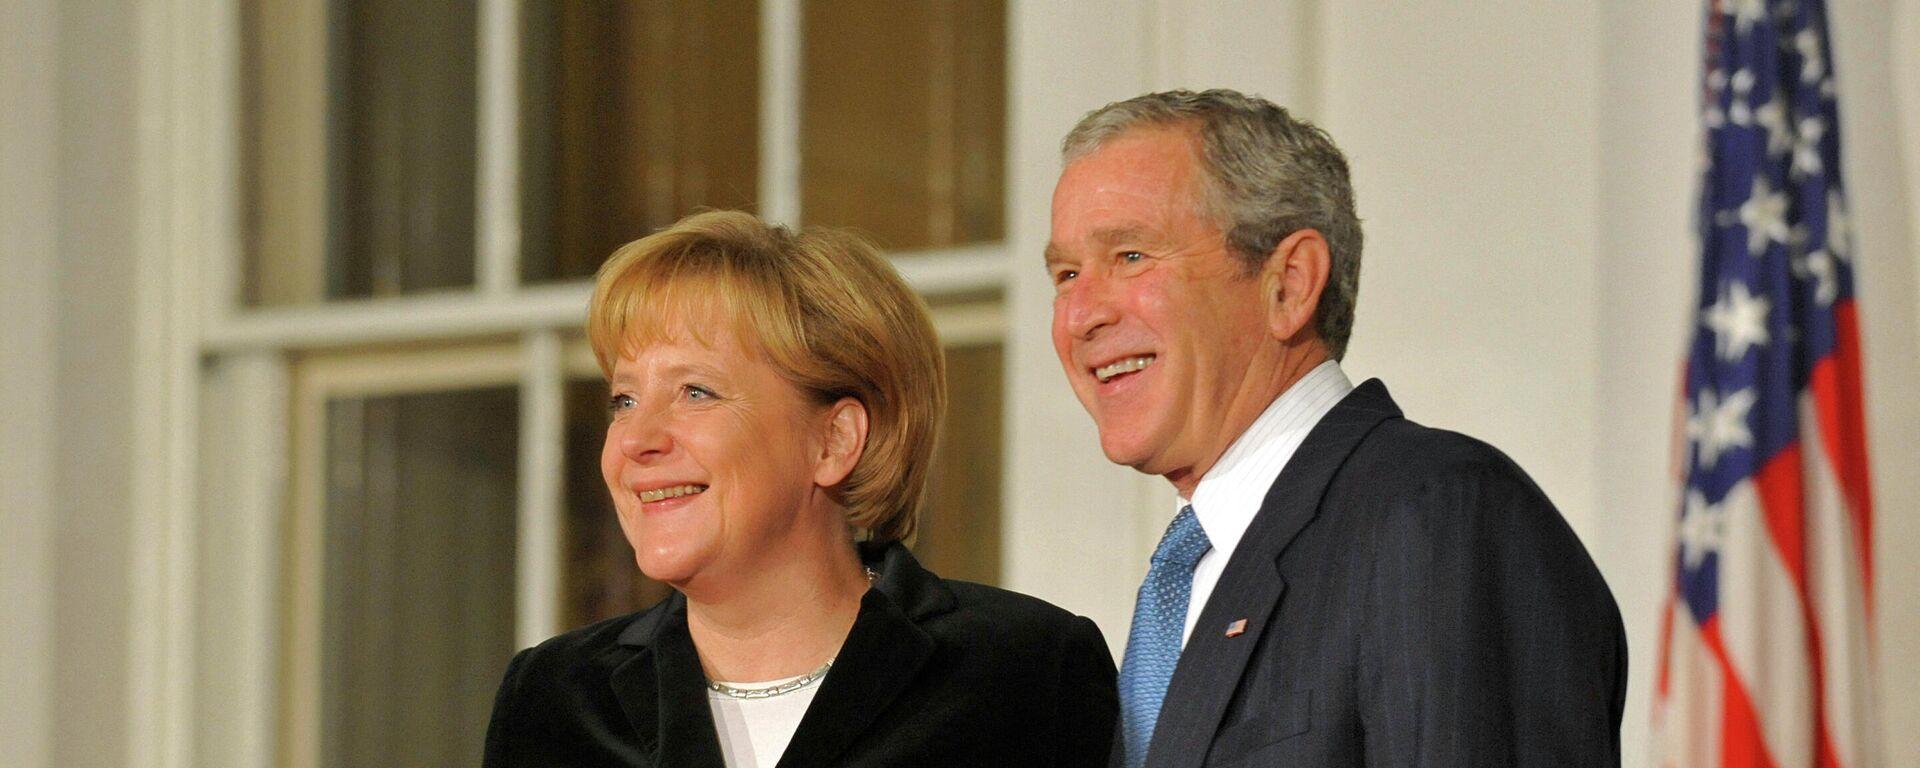 Der ehemalige US-Präsident George W. Bush trifft sich mit Angela Merkel in Washington (2008) - SNA, 1920, 14.07.2021